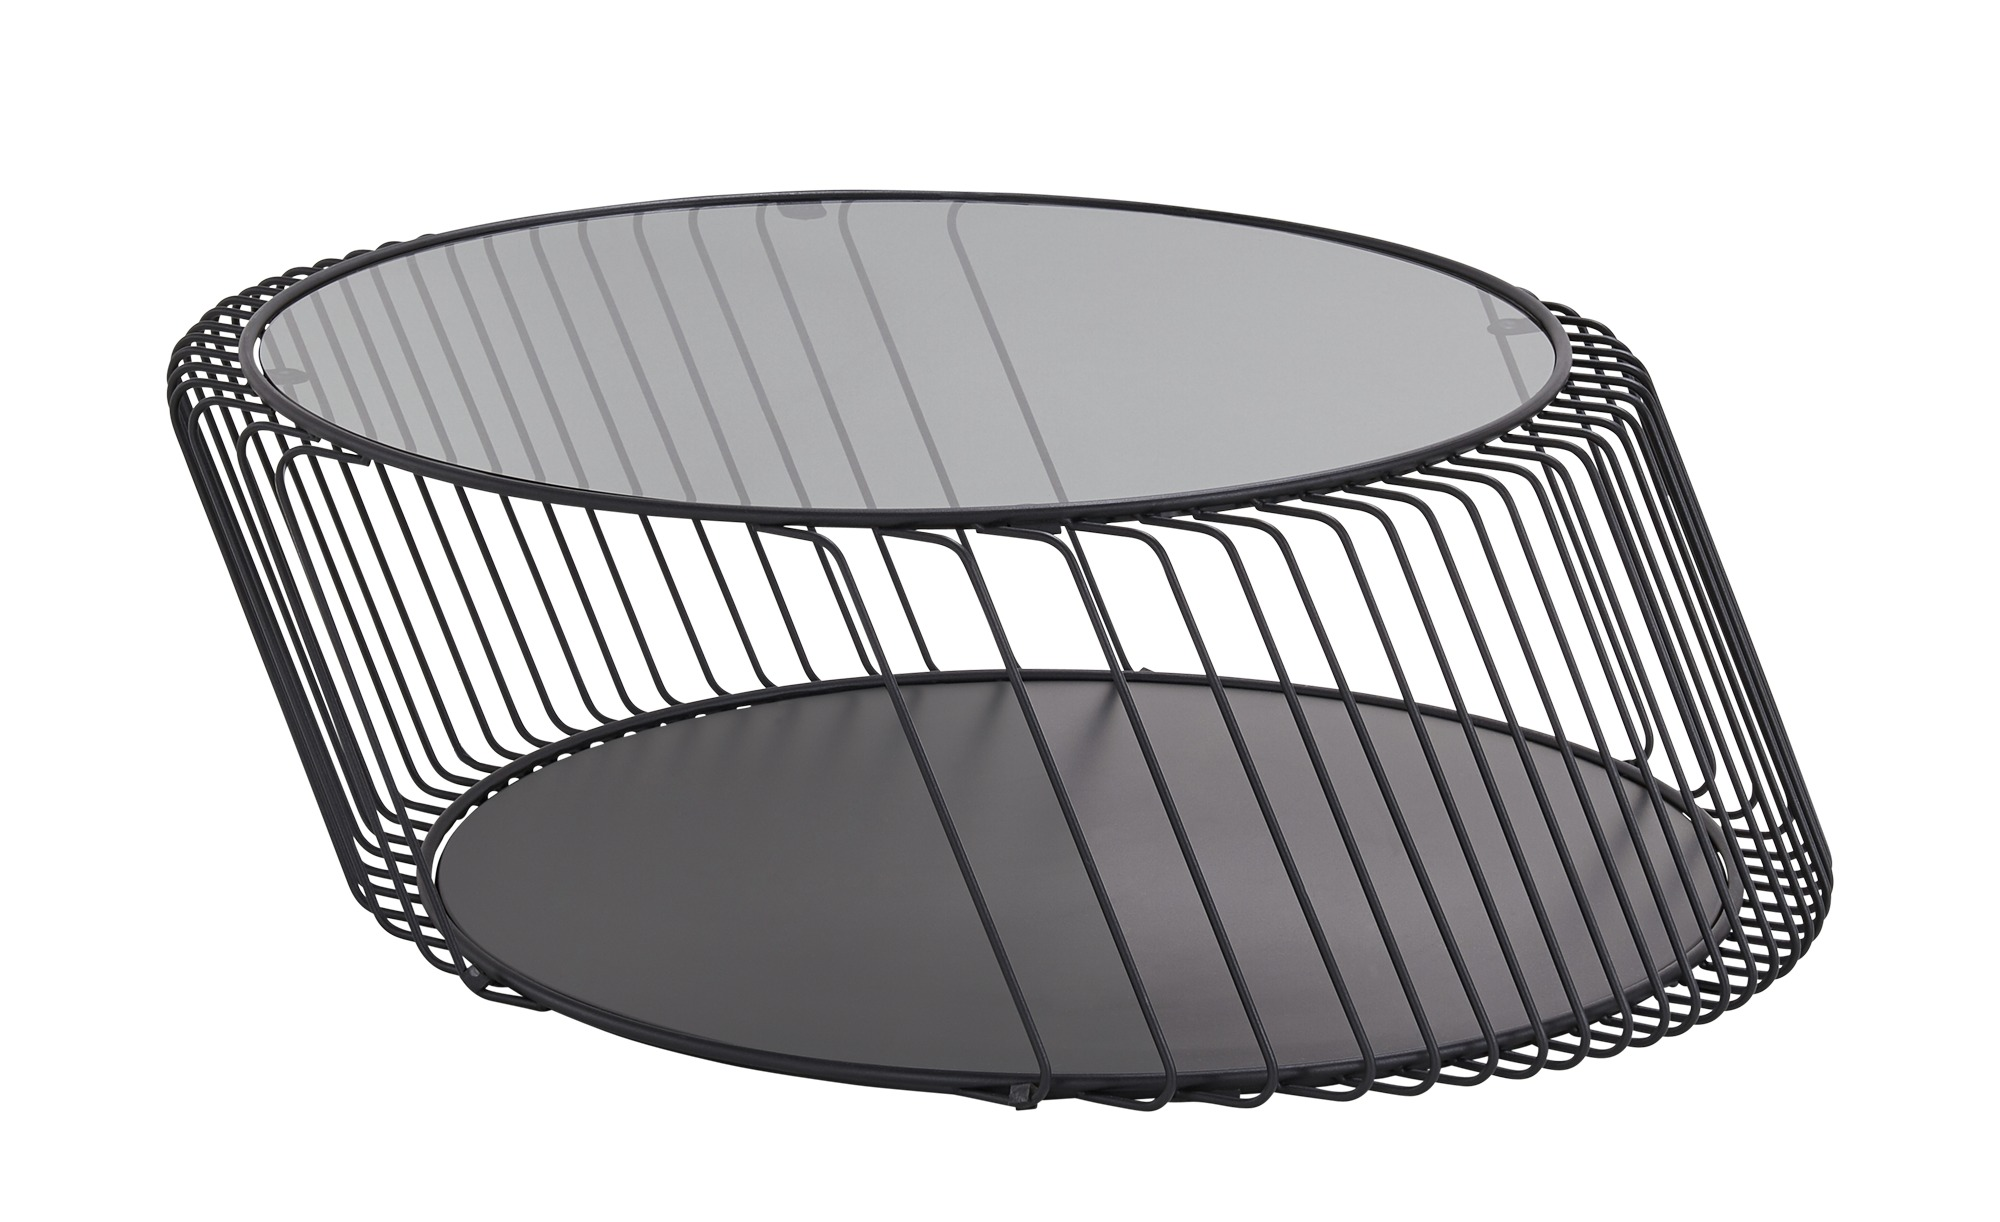 Couchtisch  Gil ¦ schwarz ¦ Maße (cm): B: 82 H: 34 T: 82 Tische > Couchtische > Couchtische andere Formen - Höffner